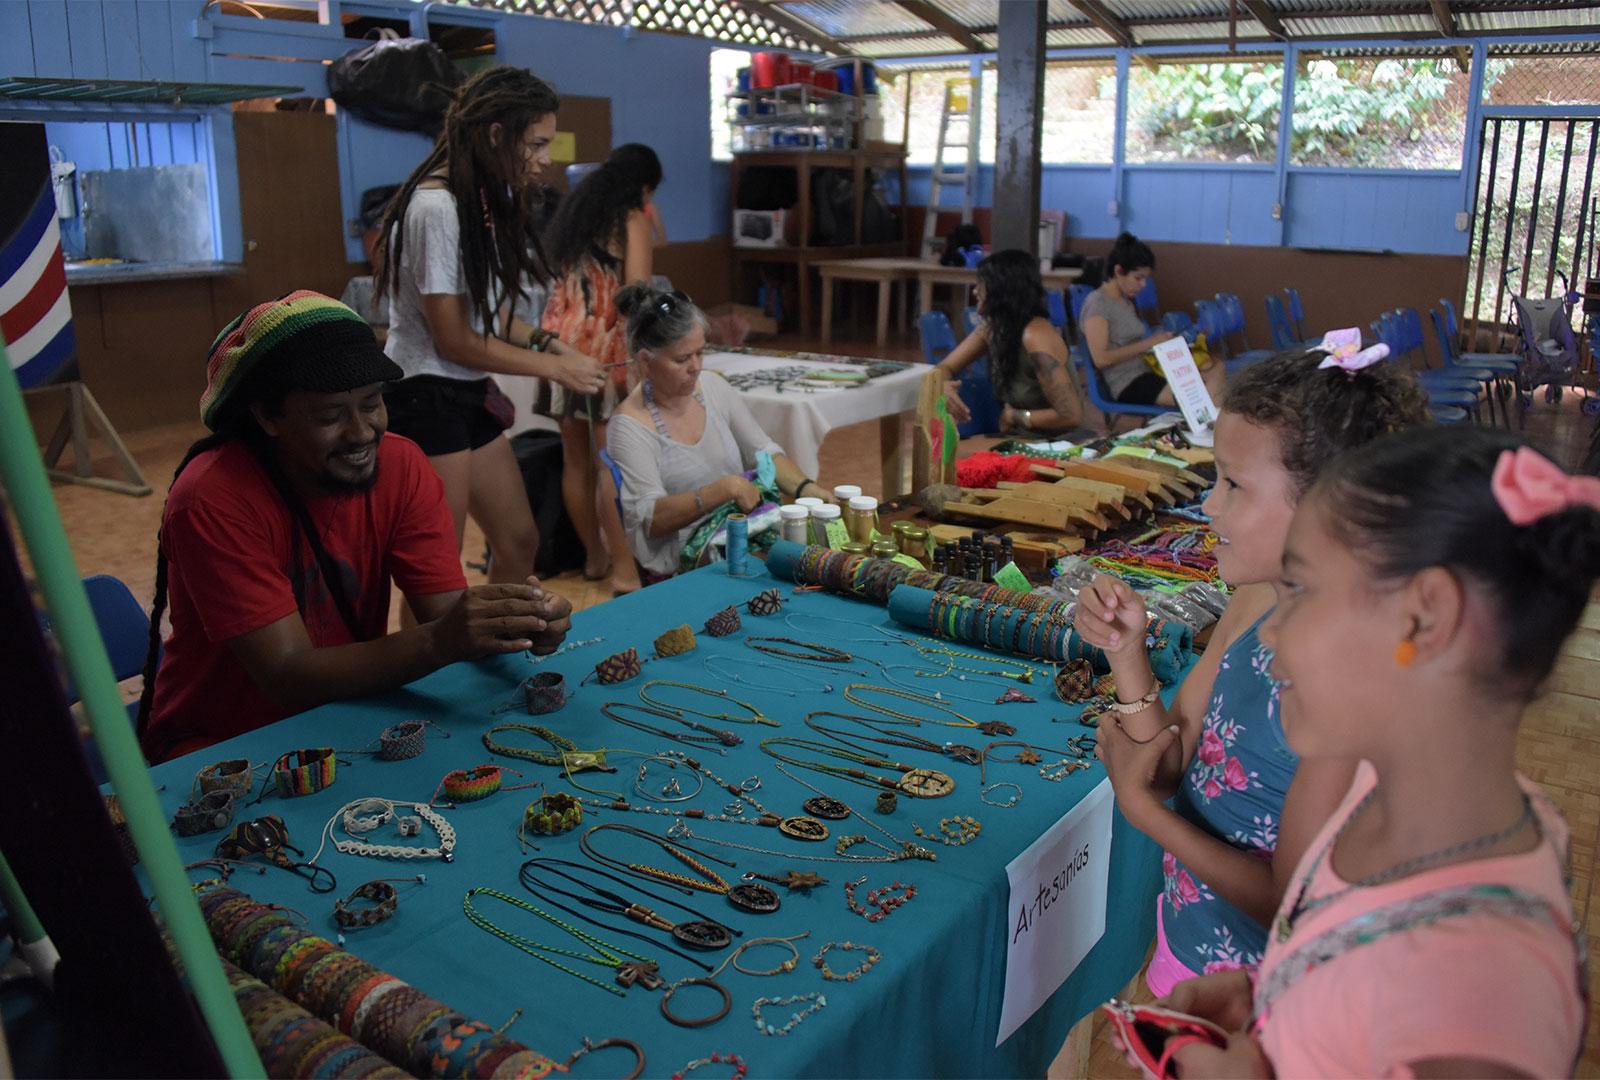 Durante el fin de semana del 16 y 17 de febrero, la comunidad aprovechó la visita del Ensamble de Saxofones A de la UCR para realizar una feria que titularon Feria del Buen Vivir, en la que ofrecieron sus productos a la venta. Salon Comunal y Colegio de Agujitas, Drake, Península de Osa.